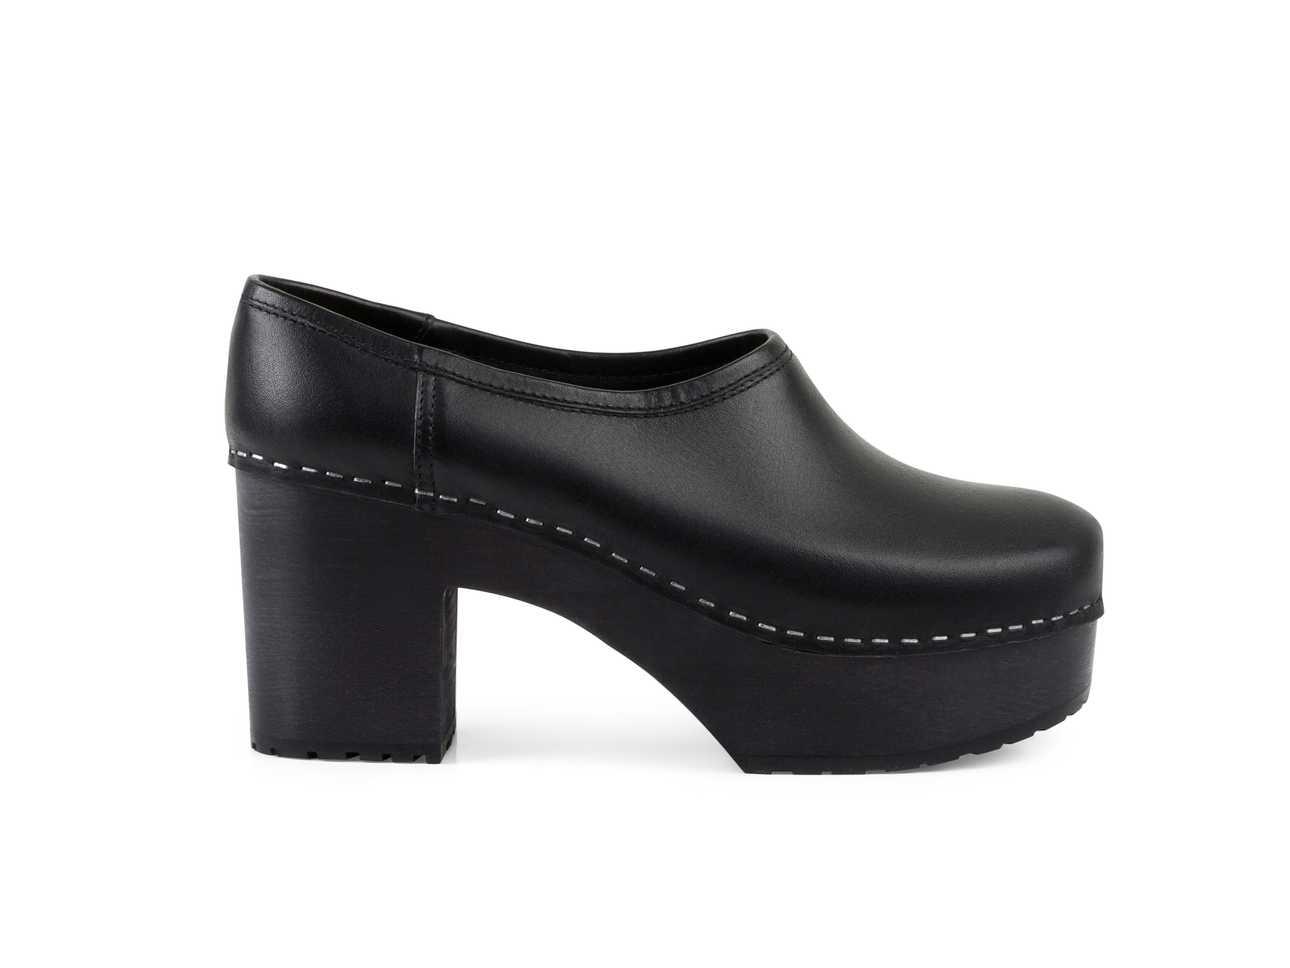 Bettan Black/black sole